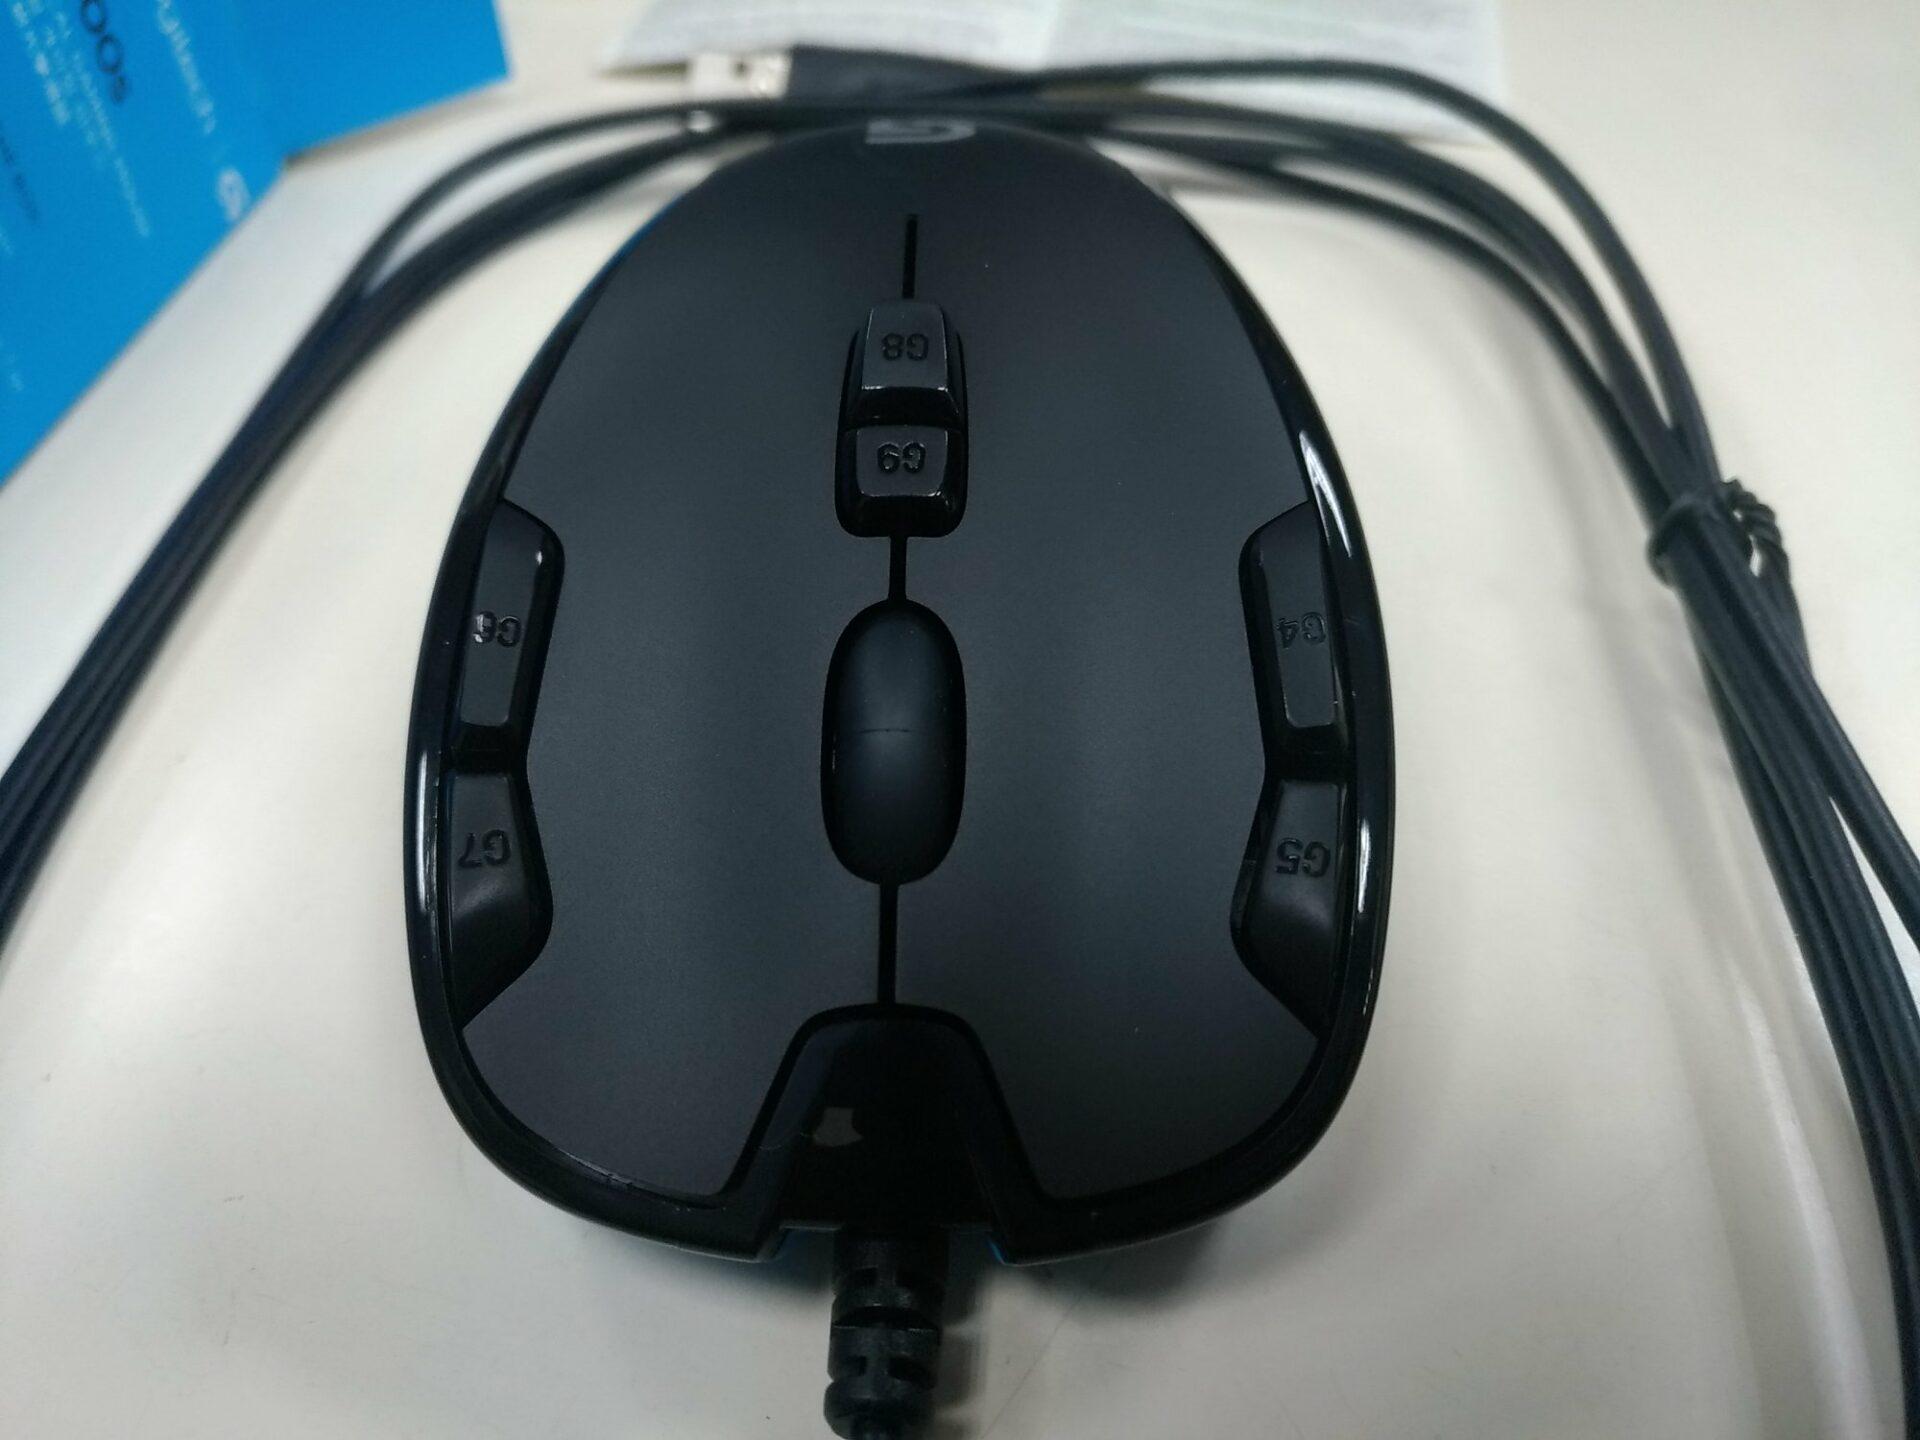 羅技滑鼠G300s開箱!支援5組自訂快捷鍵!